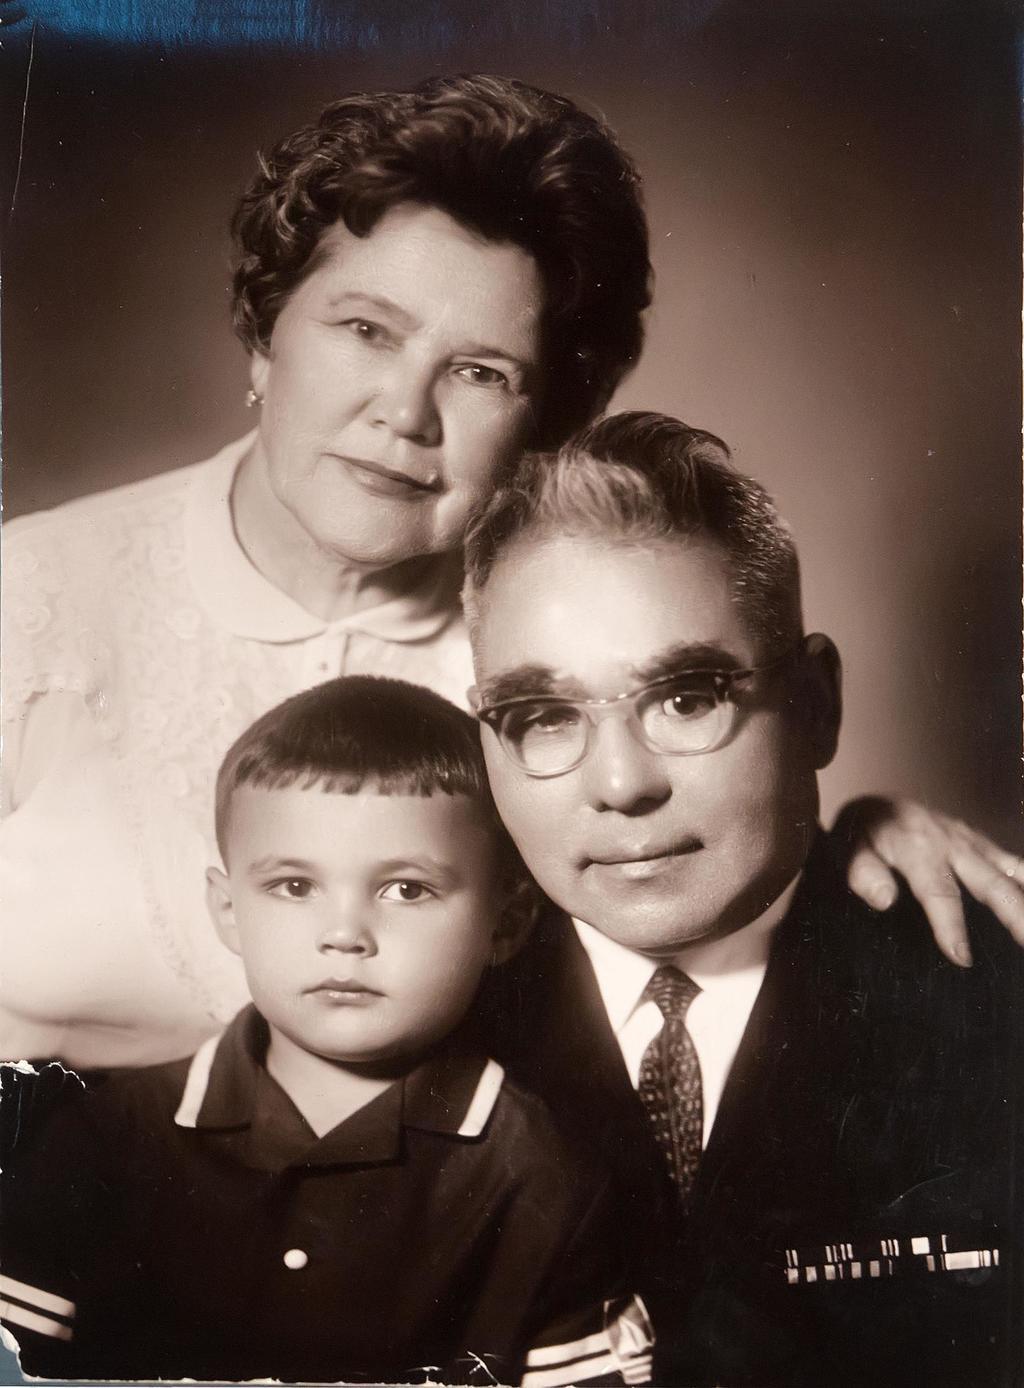 Фото. Юсупов Б.А. с женой и внуком Рустамом. 17 февраля 1968 года ©Tatfrontu.ru Photo Archive